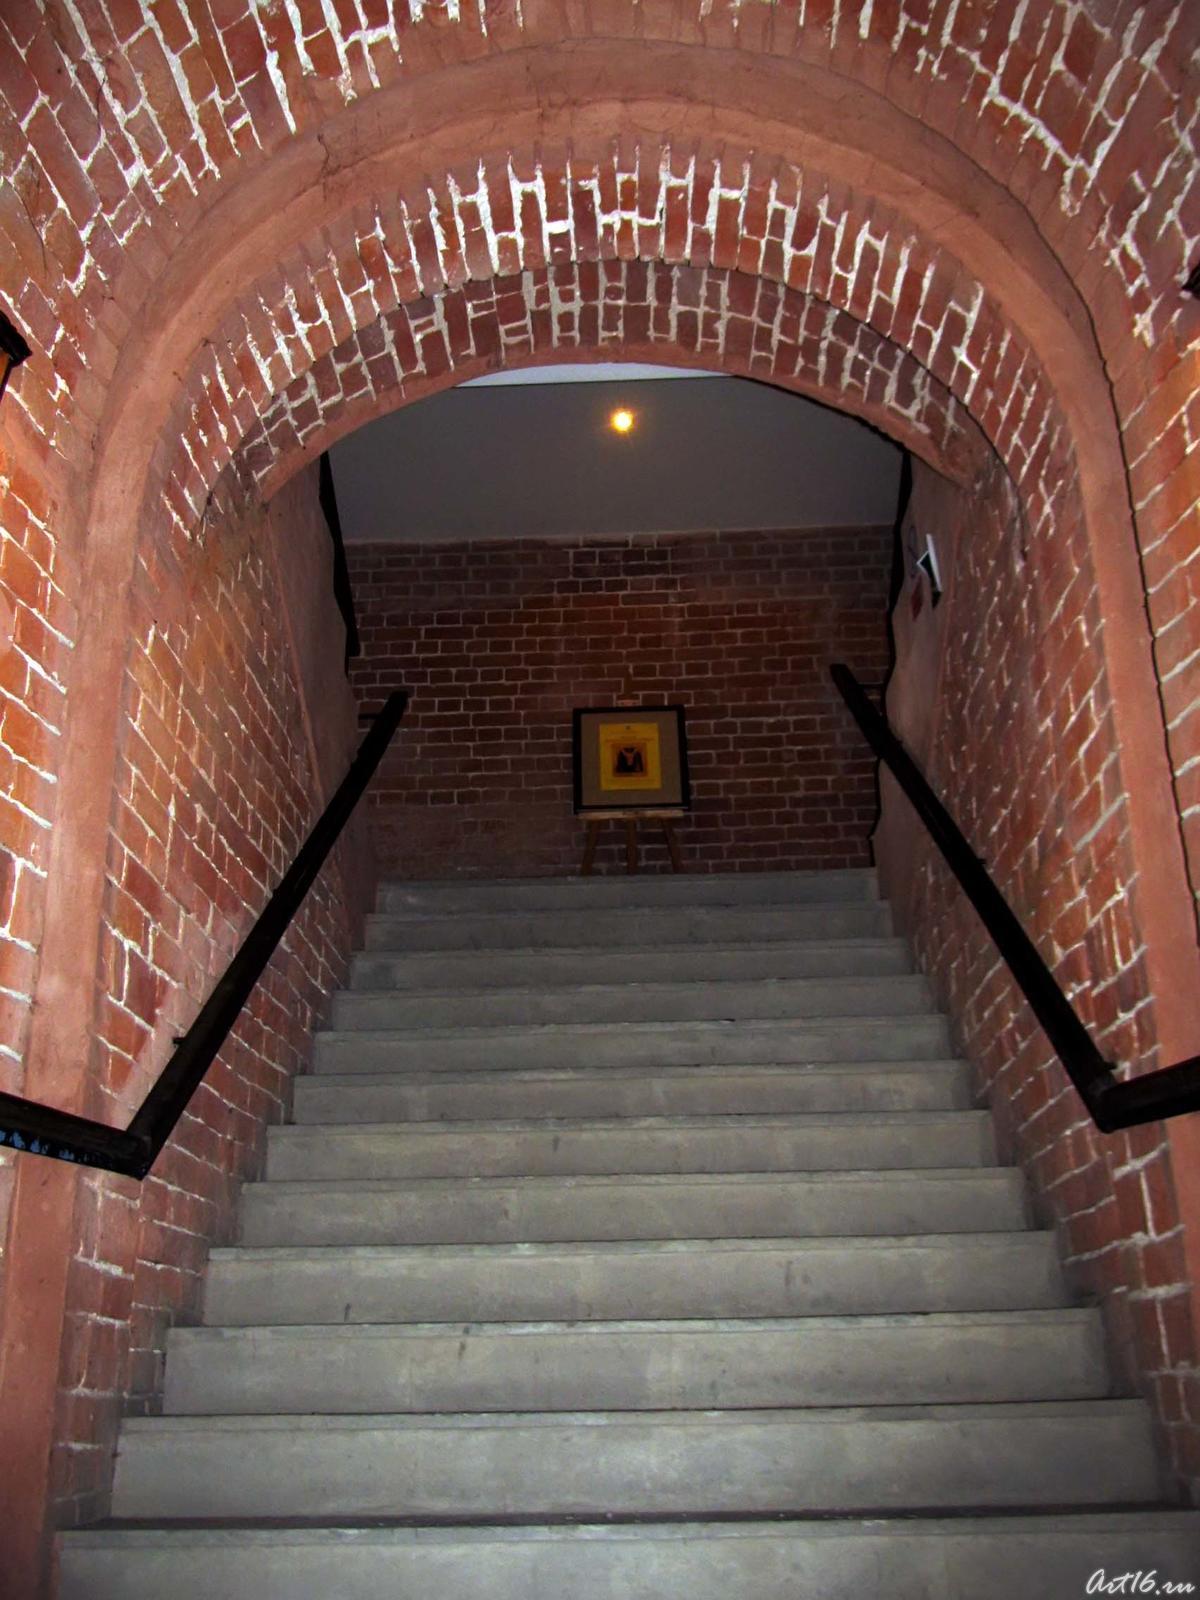 Фото №42836. Лестница в колокольне Богоявленской церкви